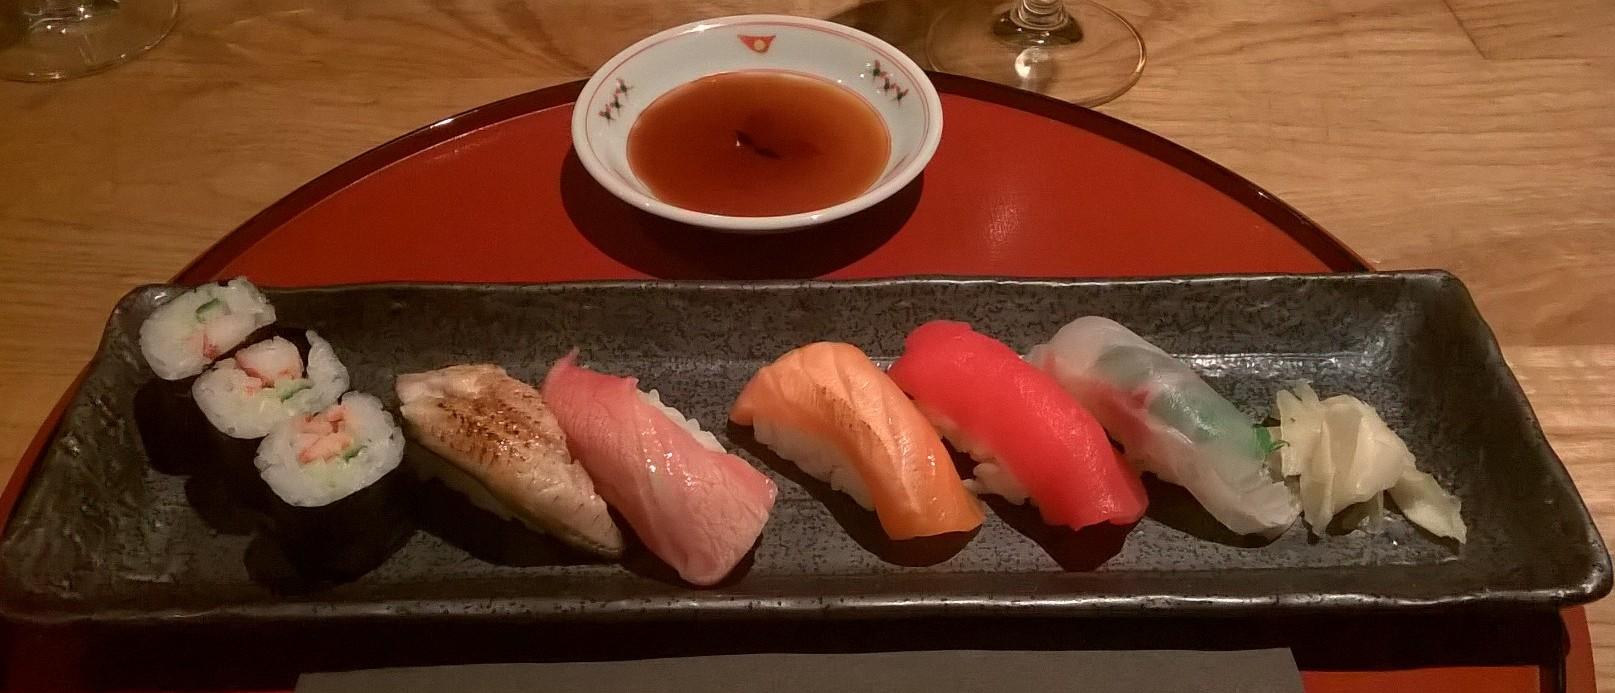 Japanese cuisine Yama - sushi